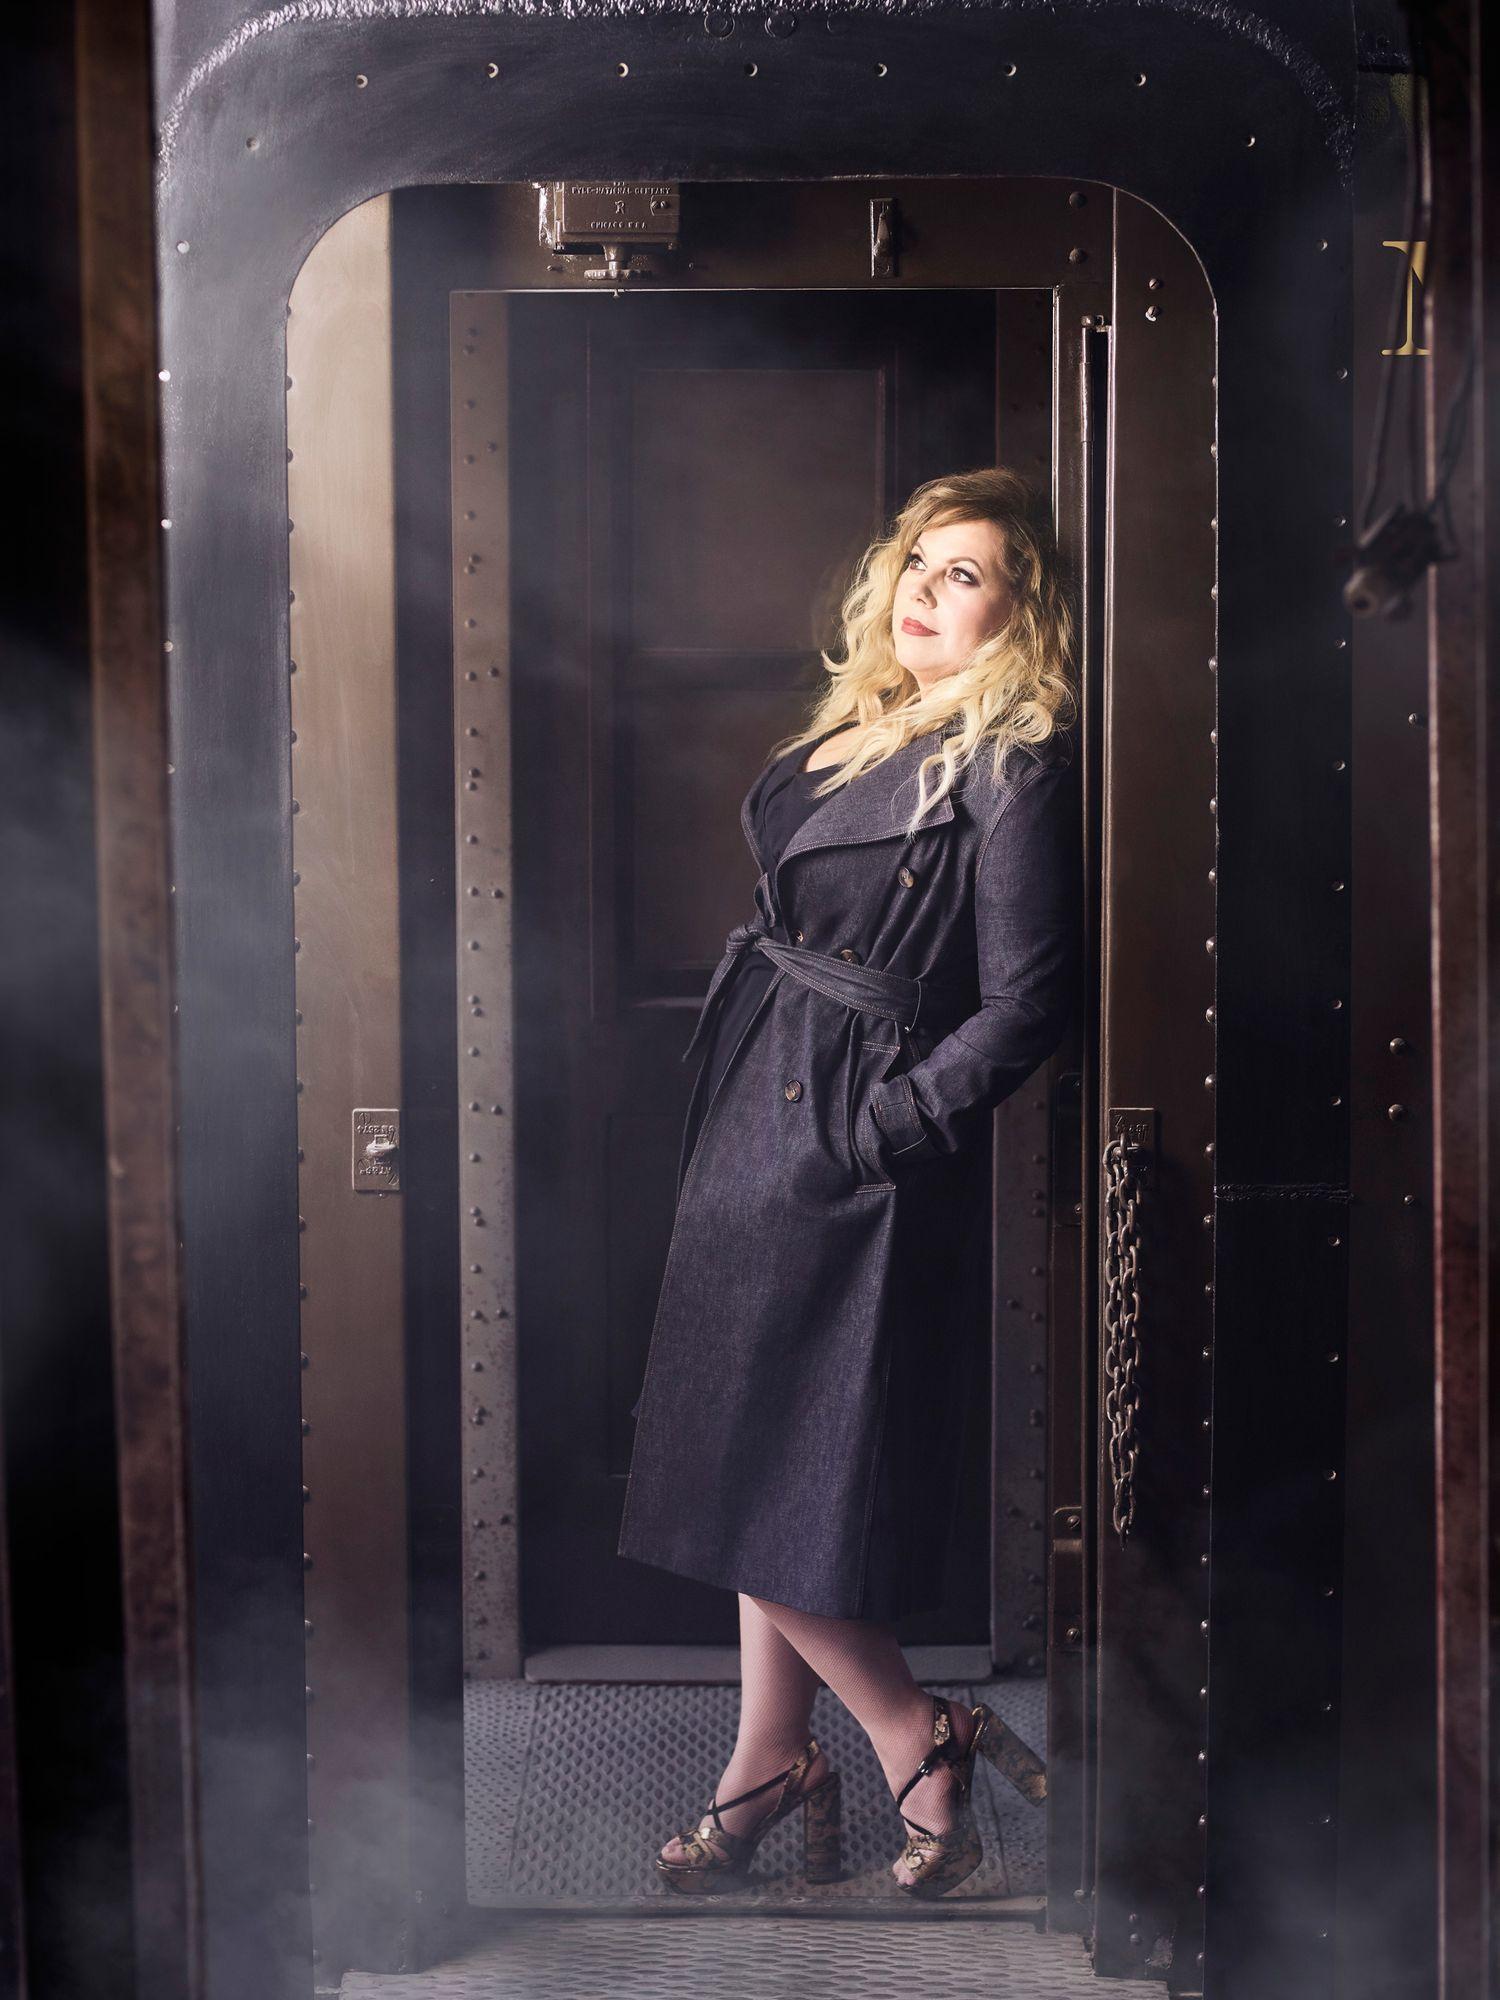 Kirsten Vangsness in black trench coat.